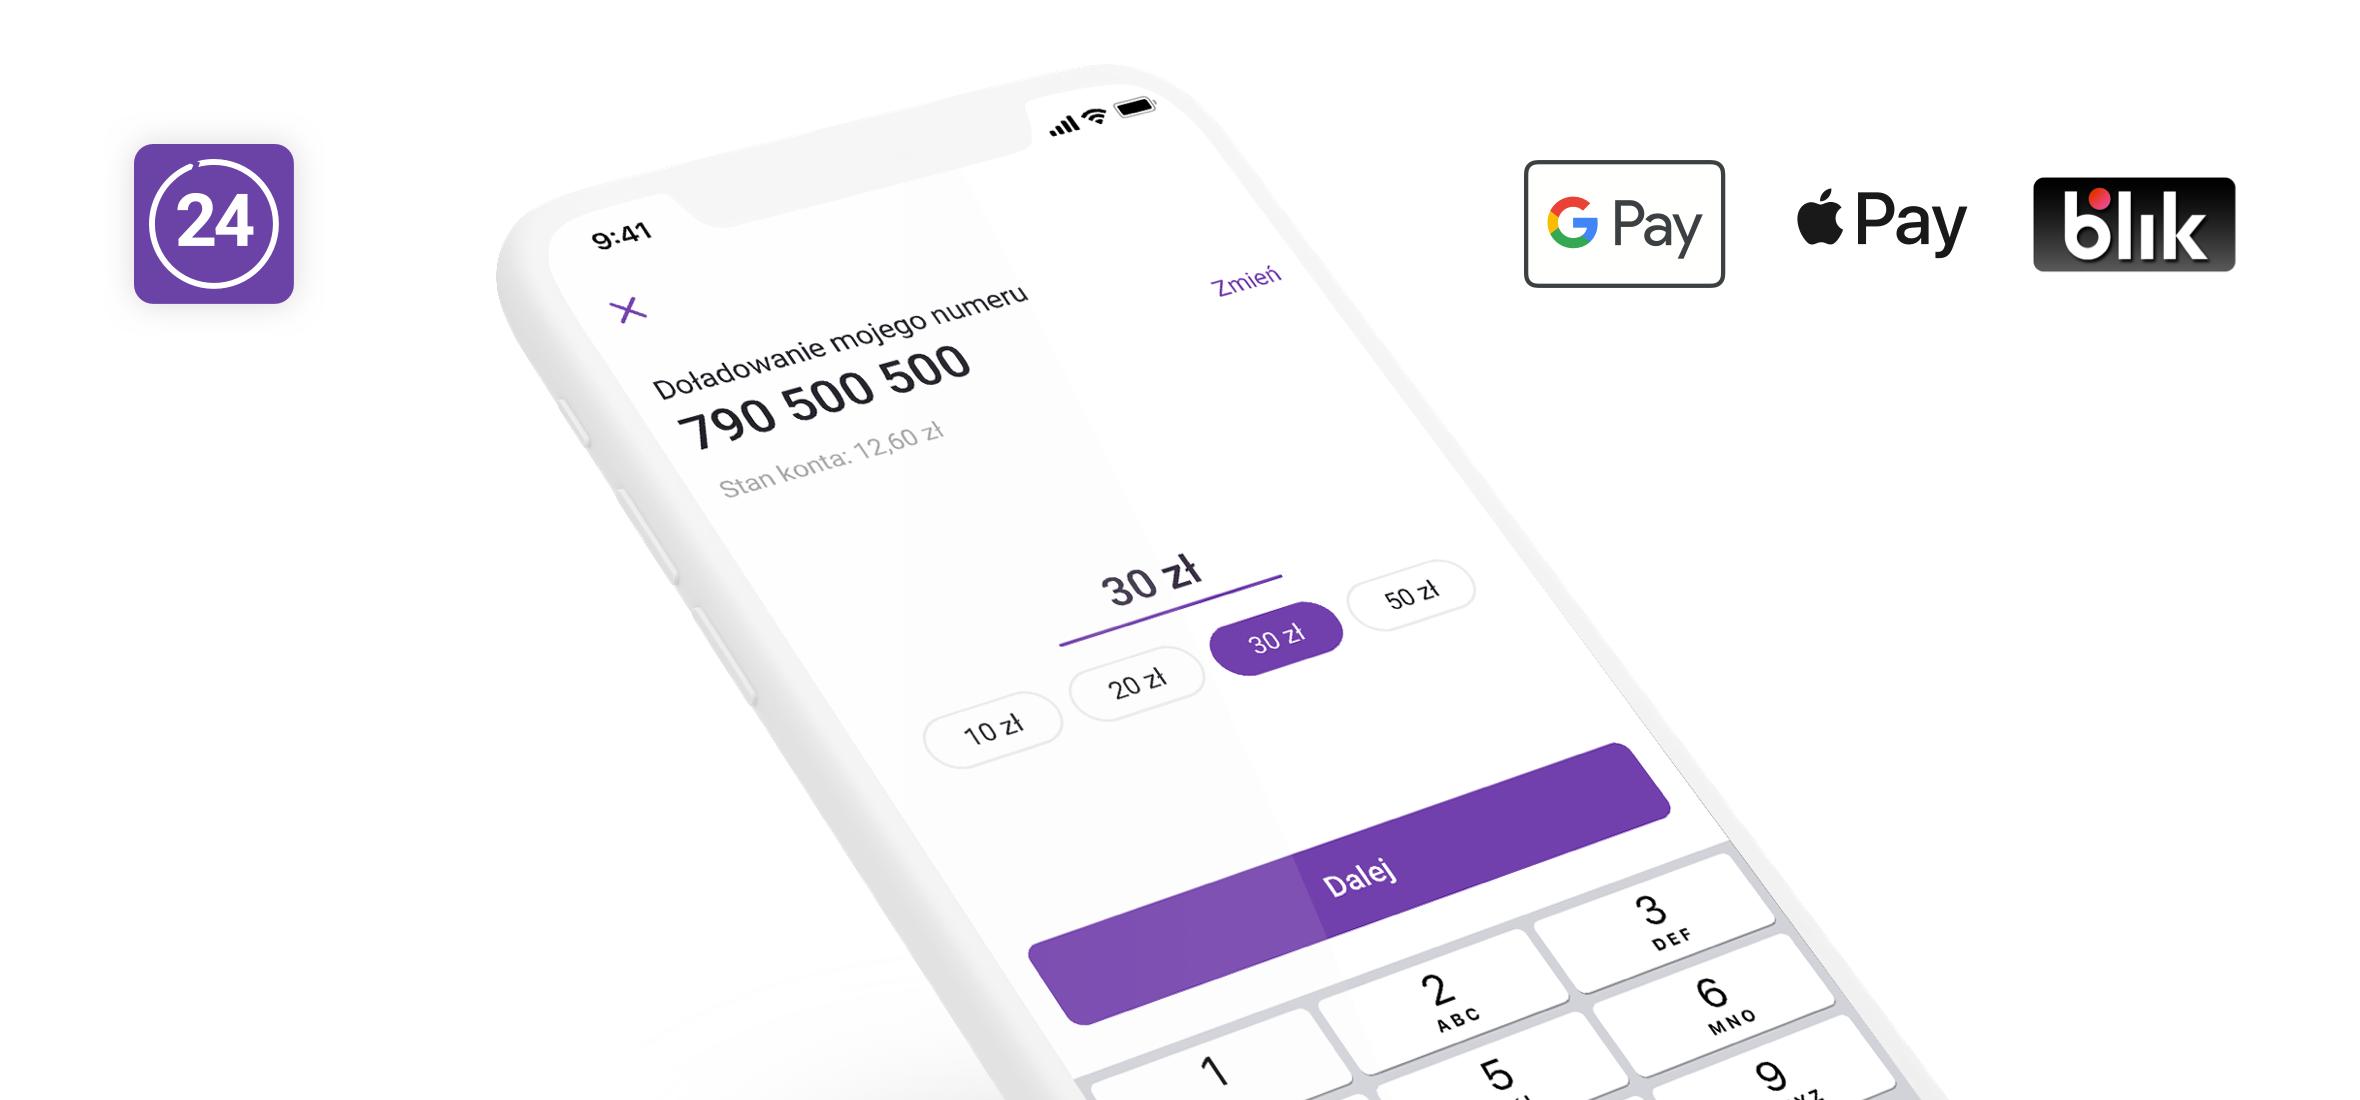 W Play24 doładujesz konto za pomocą Apple Pay i Google Pay